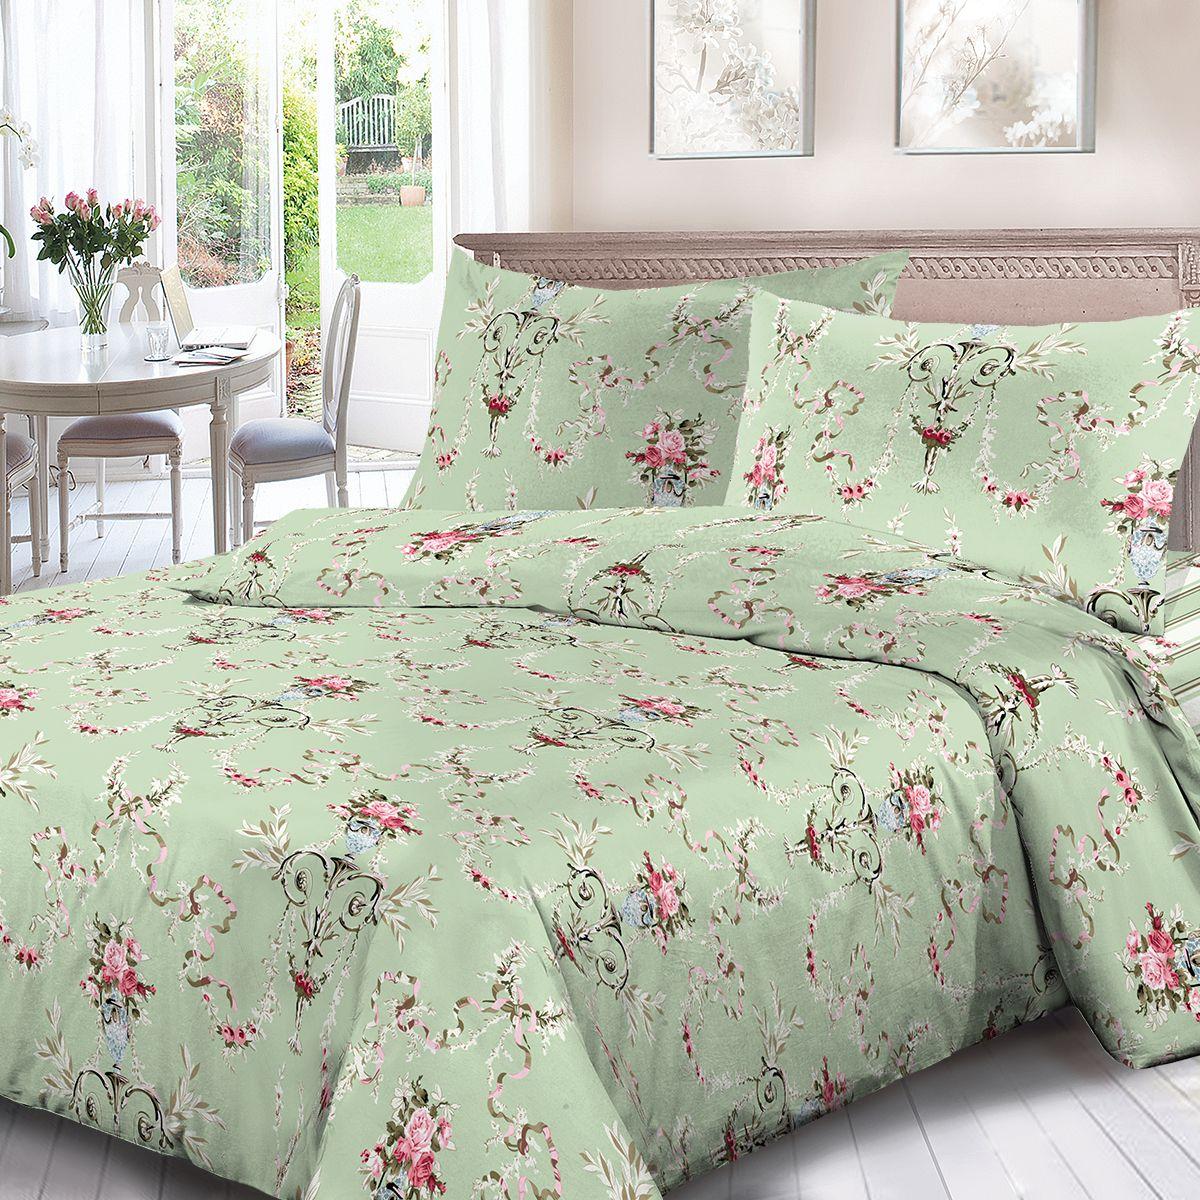 Комплект белья Для Снов Катарина, евро, наволочки 70x70, цвет: зеленый. 1841-286462